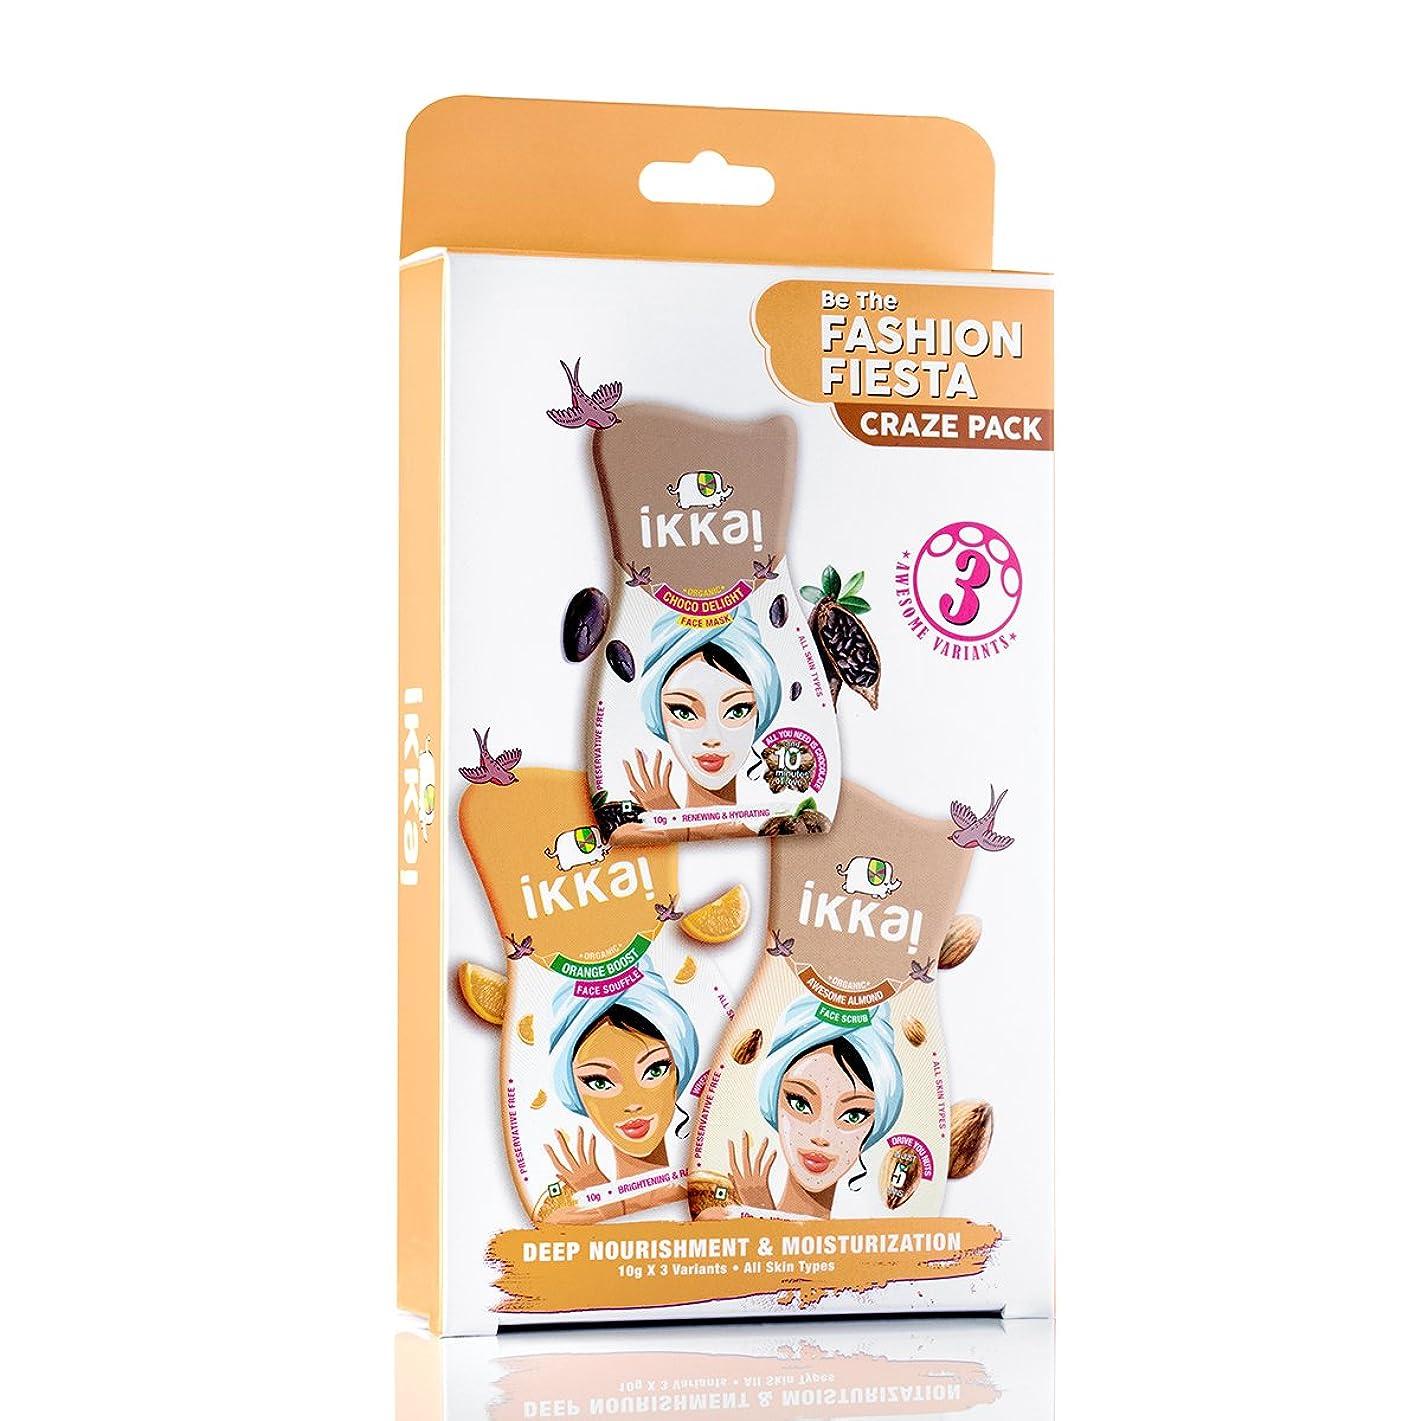 バルクアルコールベーカリーIkkai by Lotus Herbals Fashion Fiesta Craze Pack (1 Face Mask, 1 Face Scrub and 1 Face Souffle)